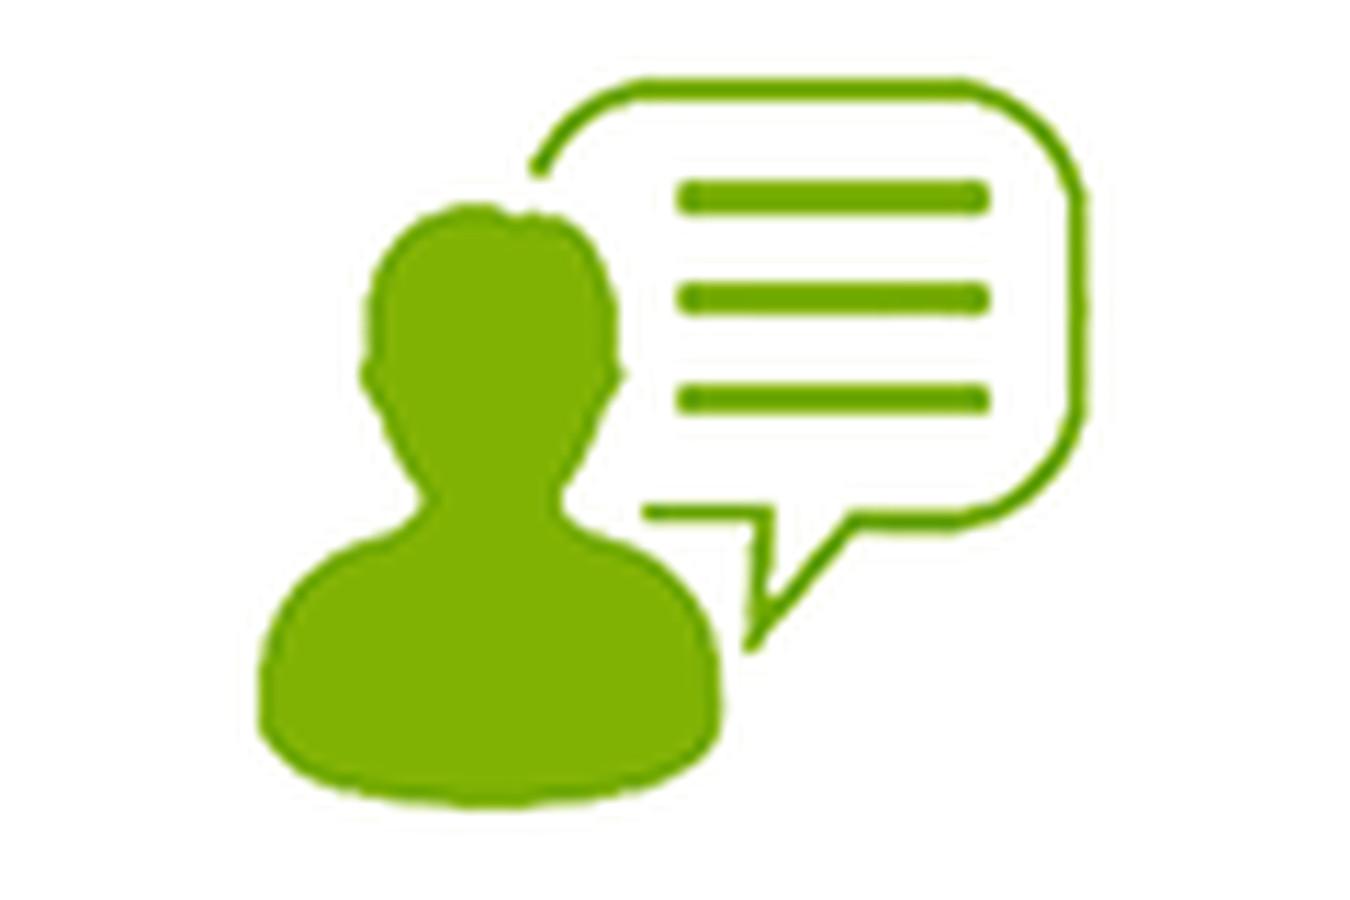 """Vertimų biuras MB """"Galerita"""" verčia žodžiu, vertėjui atvykus į kliento nurodytą vietą. Tai gali būti įvairūs verslo susitikimai, konferencijos, parodos ar kitokio pobūdžio vertimai. Vertimą žodžiu atliekame 30-ia kalbų. Vertėjai atrenkami pagal planuojamo vertimo temą, t.y. atrenkamas vertėjas, kurio stipriausia sritis sutampa su planuojamo vertimo tema. Tokiu būdu užtikriname aukštą paslaugų kokybę - vertimo metu taikomi tiksliniai terminai."""